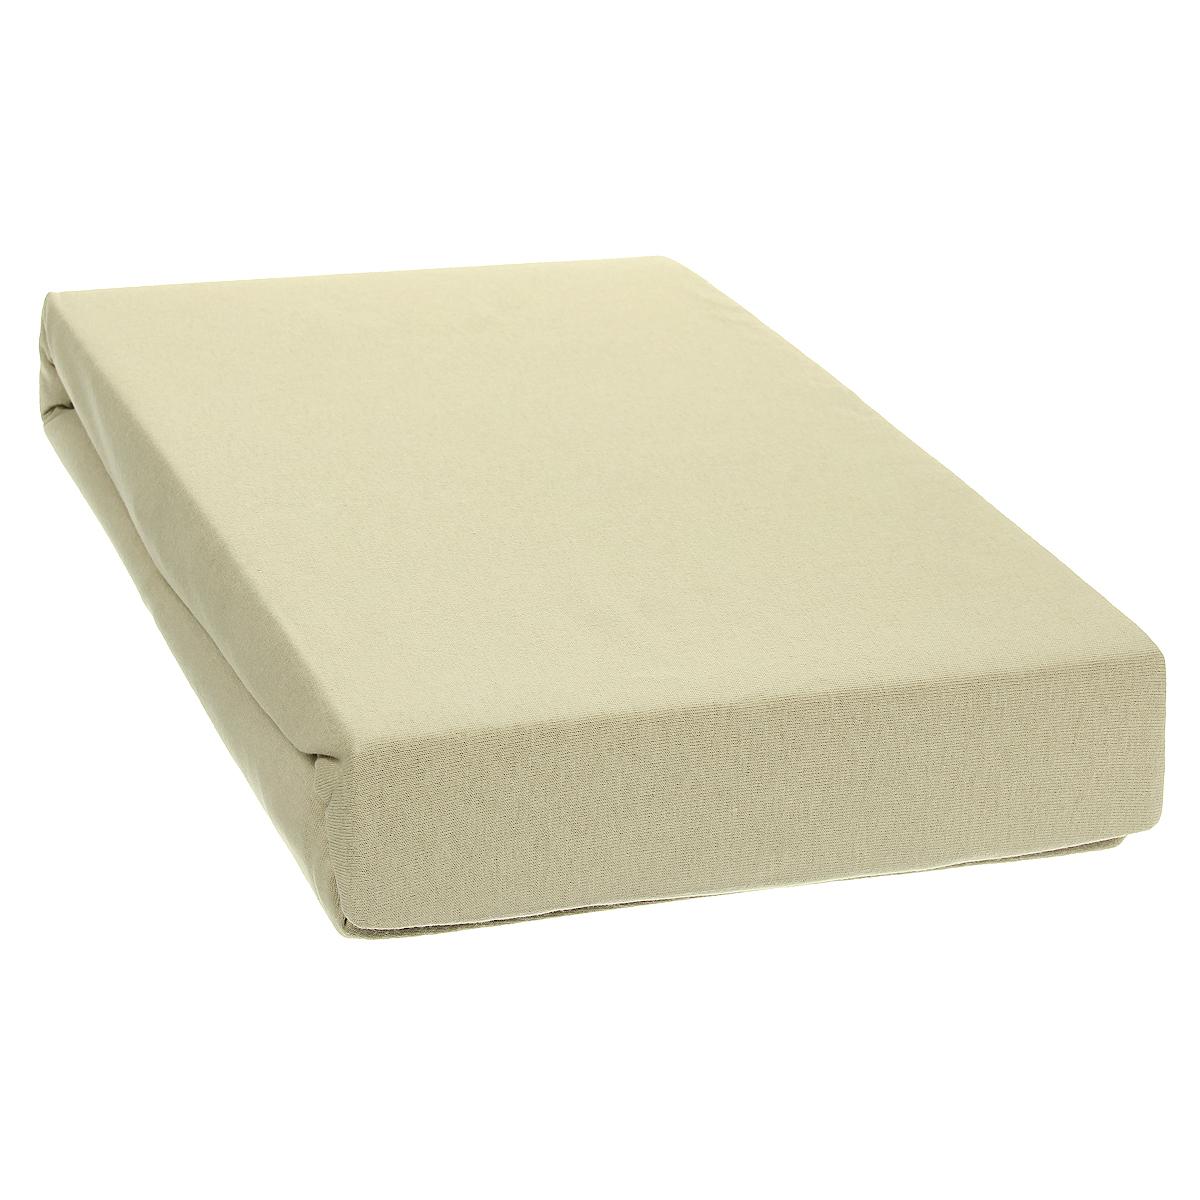 Простыня на резинке Tete-a-Tete, цвет: латунь, 180 см х 200 смТ-ПР-3058Однотонная простыня на резинке Tete-a-Tete выполнена из натурального хлопка. Высочайшее качество материала гарантирует безопасность не только взрослых, но и самых маленьких членов семьи. Простыня гармонично впишется в интерьер вашего дома и создаст атмосферу уюта и комфорта. Особенности коллекции Tete-a-Tete: - выдерживает более 100 стирок практически без изменения внешнего вида, - модные цвета и стойкие оттенки, - минимальная усадка, - надежные резинки и износостойкая ткань, - безупречное качество, - гиппоаллергенно. Коллекция Tete-a-Tete специально создана для практичных людей, которые ценят качество и долговечность вещей, окружают своих близких теплотой и заботой. Высота до 25 см.